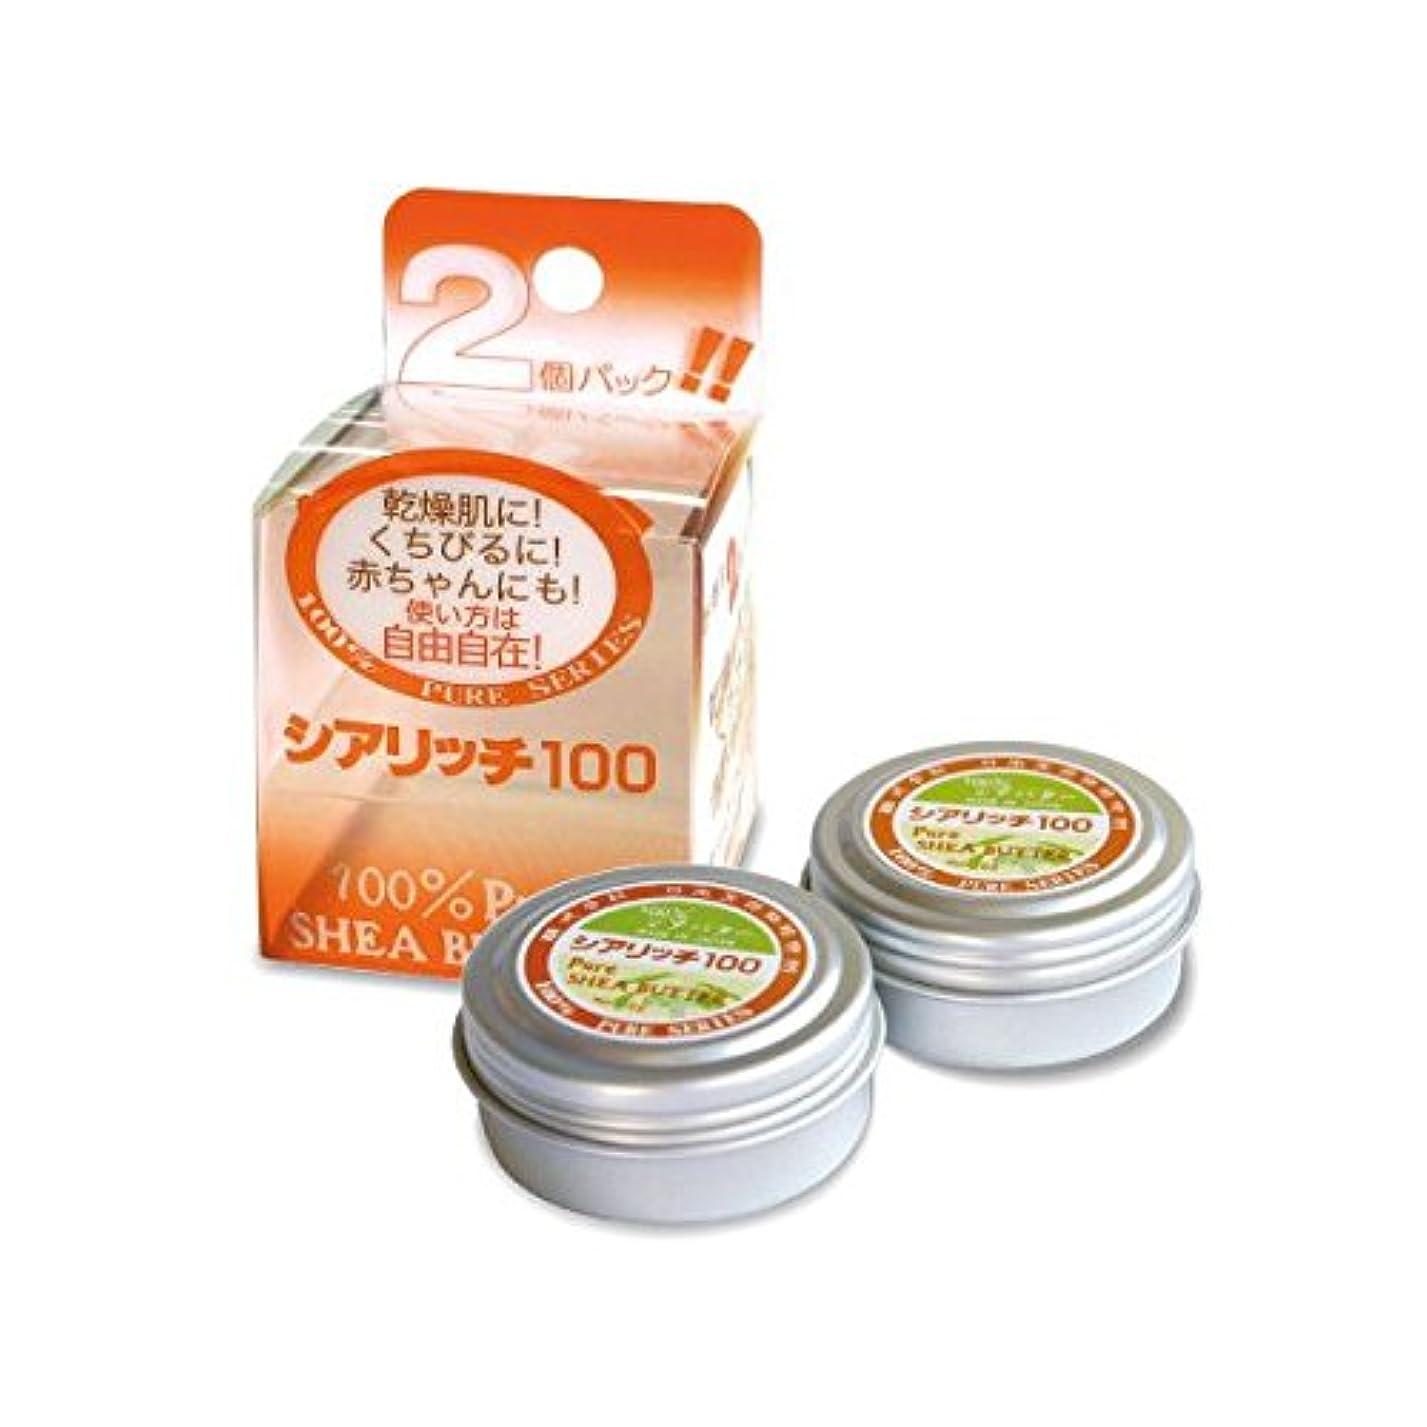 町ぴかぴか無条件日本天然物研究所 シアリッチ100 (8g×2個入り)【単品】(無添加100%シアバター)無香料